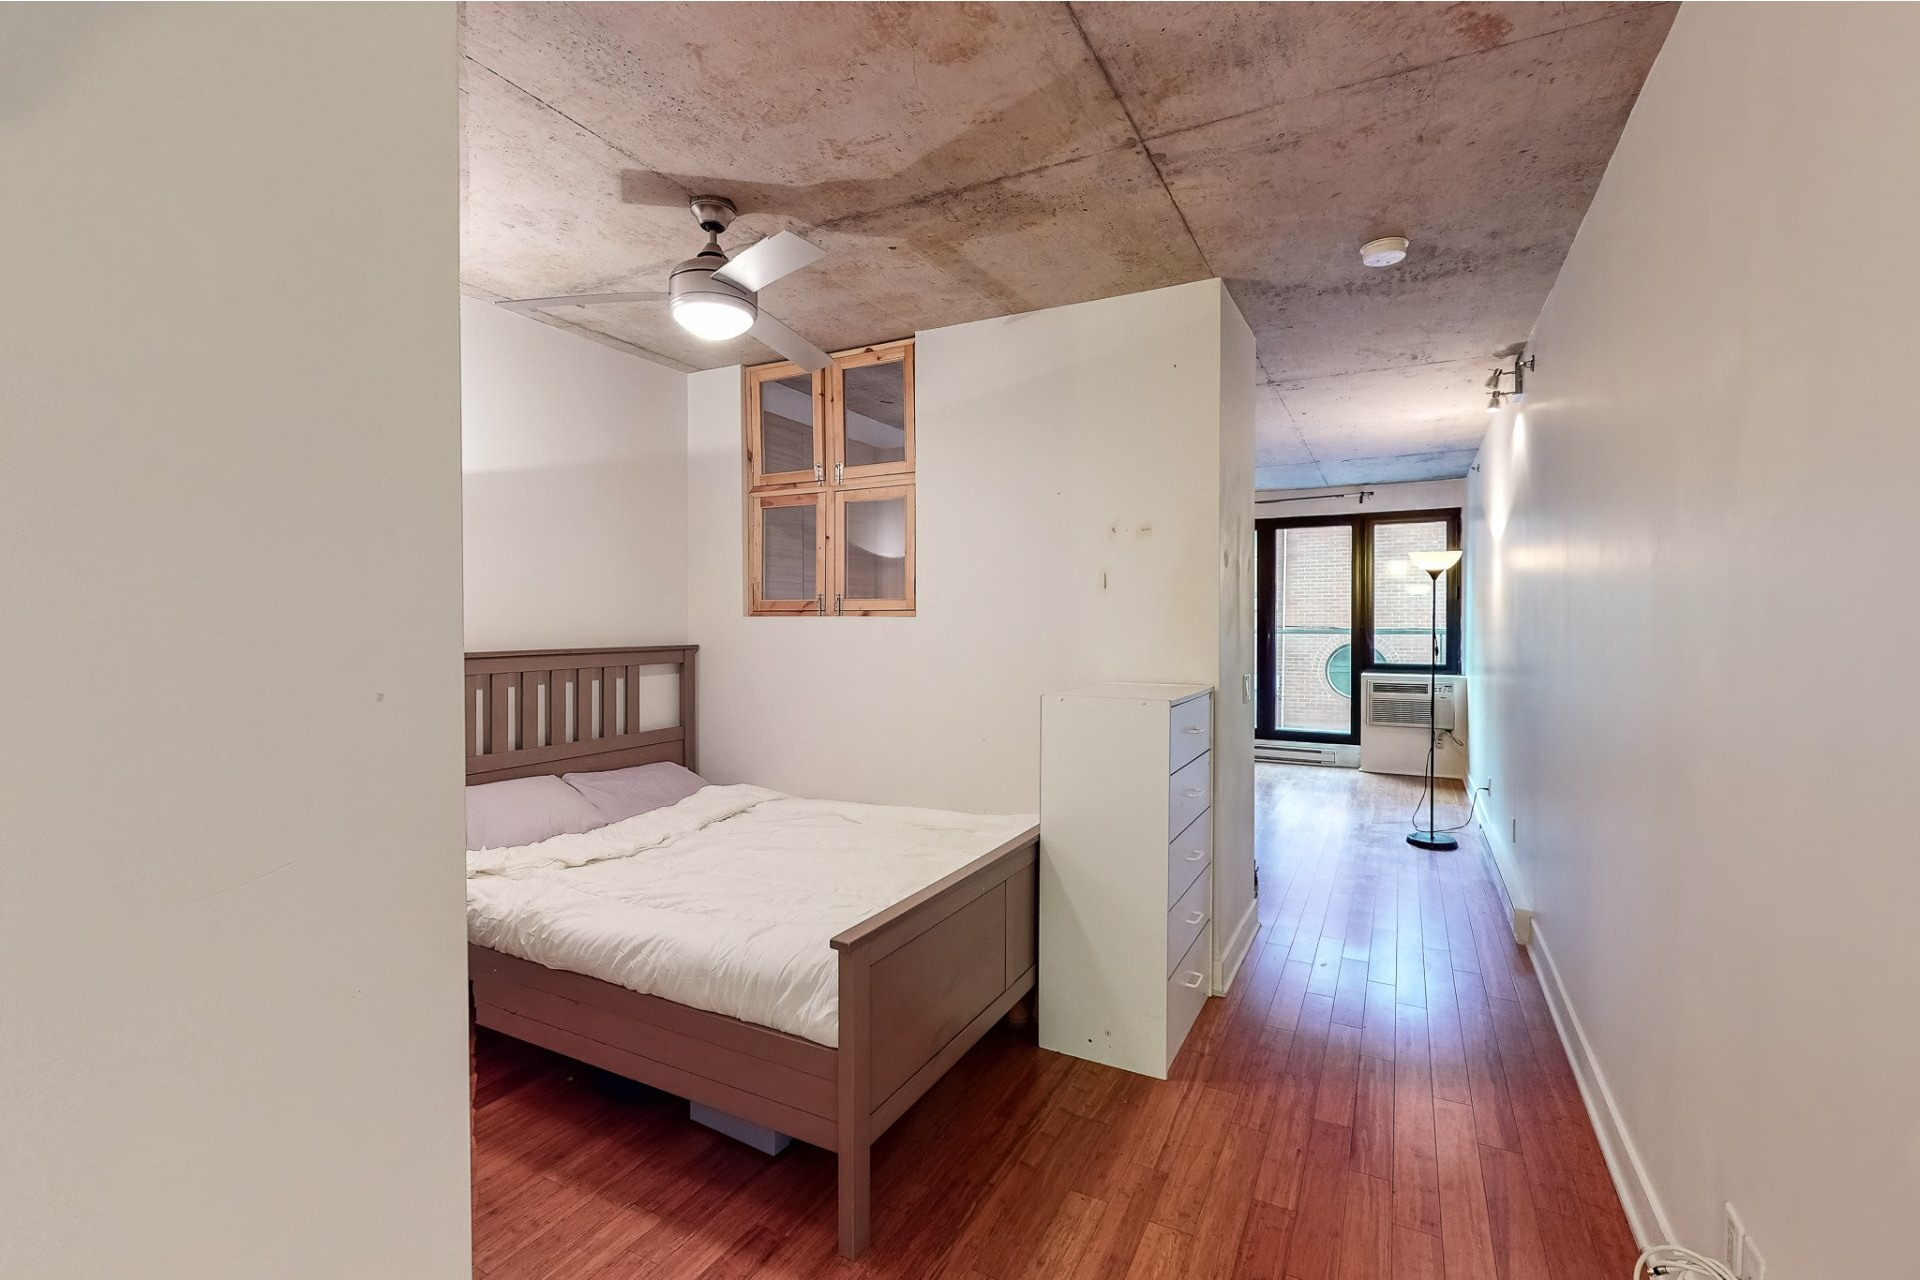 image 6 - Appartement À vendre Ville-Marie Montréal  - 2 pièces